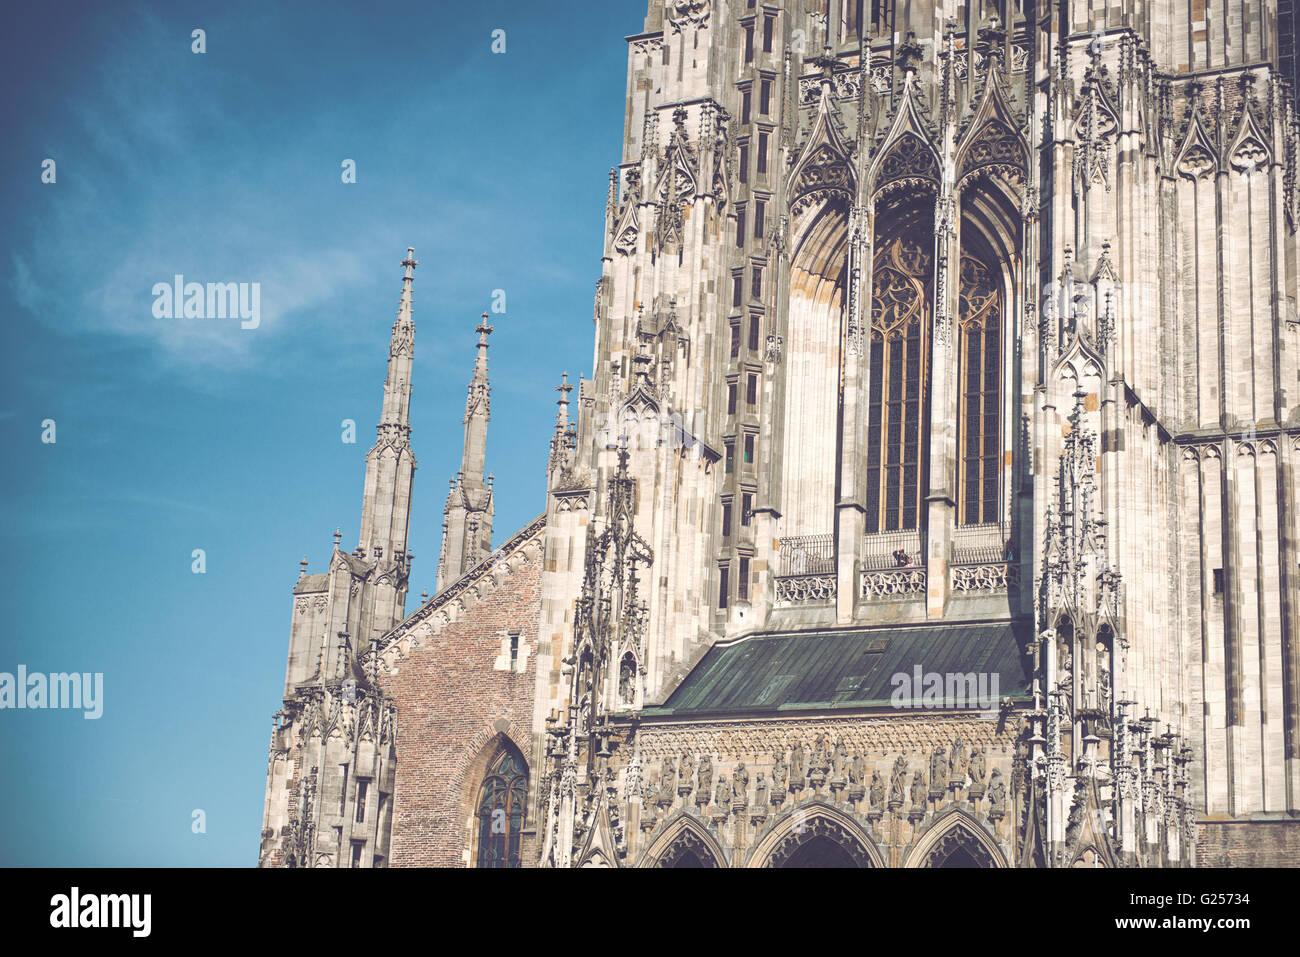 Esterni Architettonici Close Up Della Facciata Gotica Di Ulm Minster